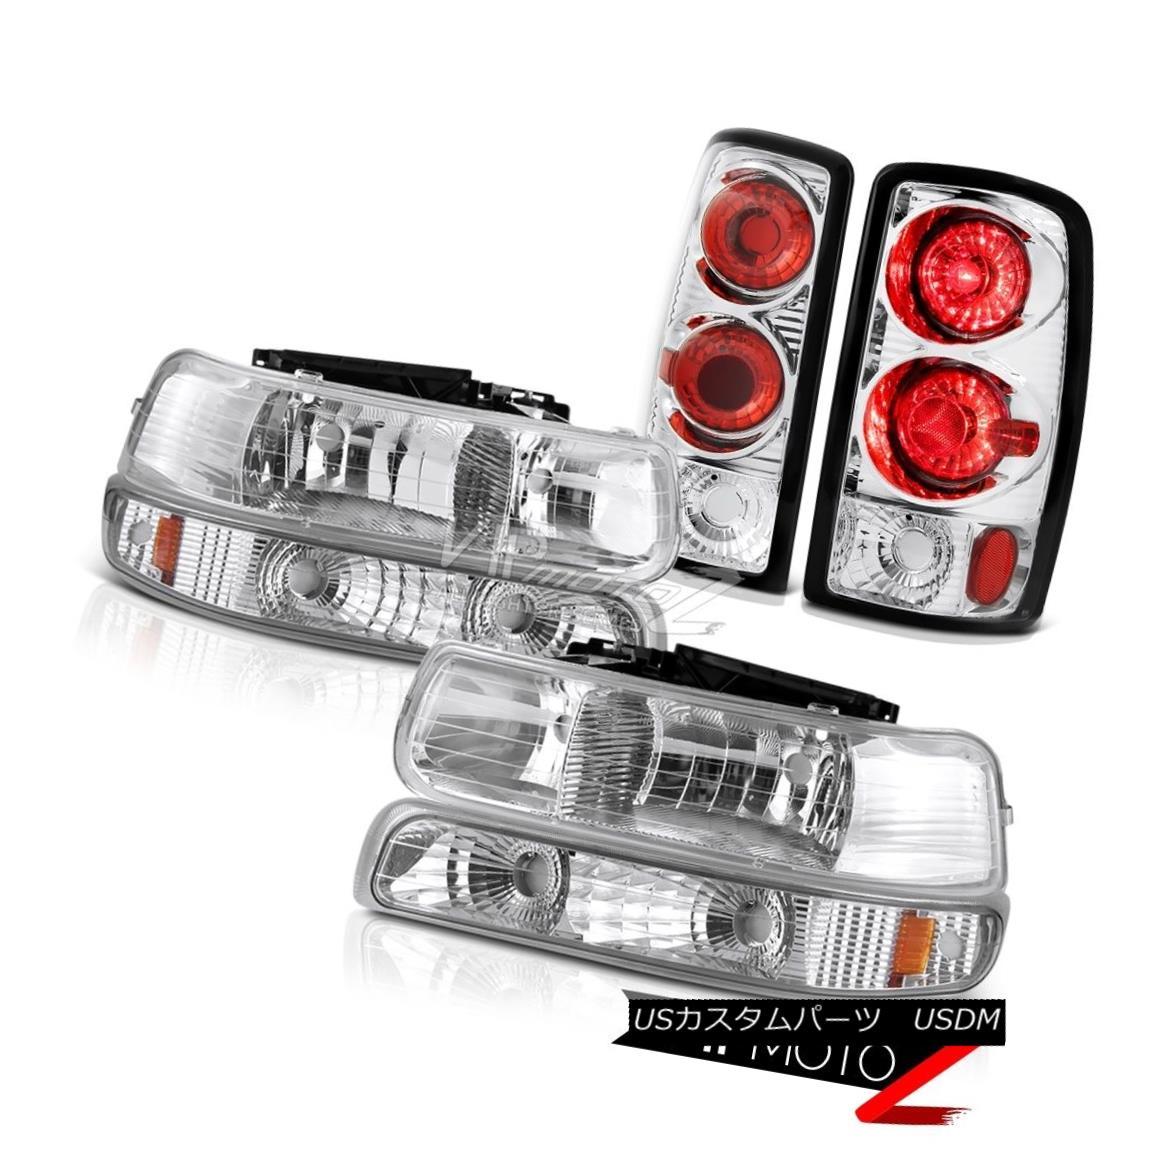 Chrome//Clear *FULL LED* Tail Light Rear Reverse Brake Lamp for 94-02 Dodge Ram